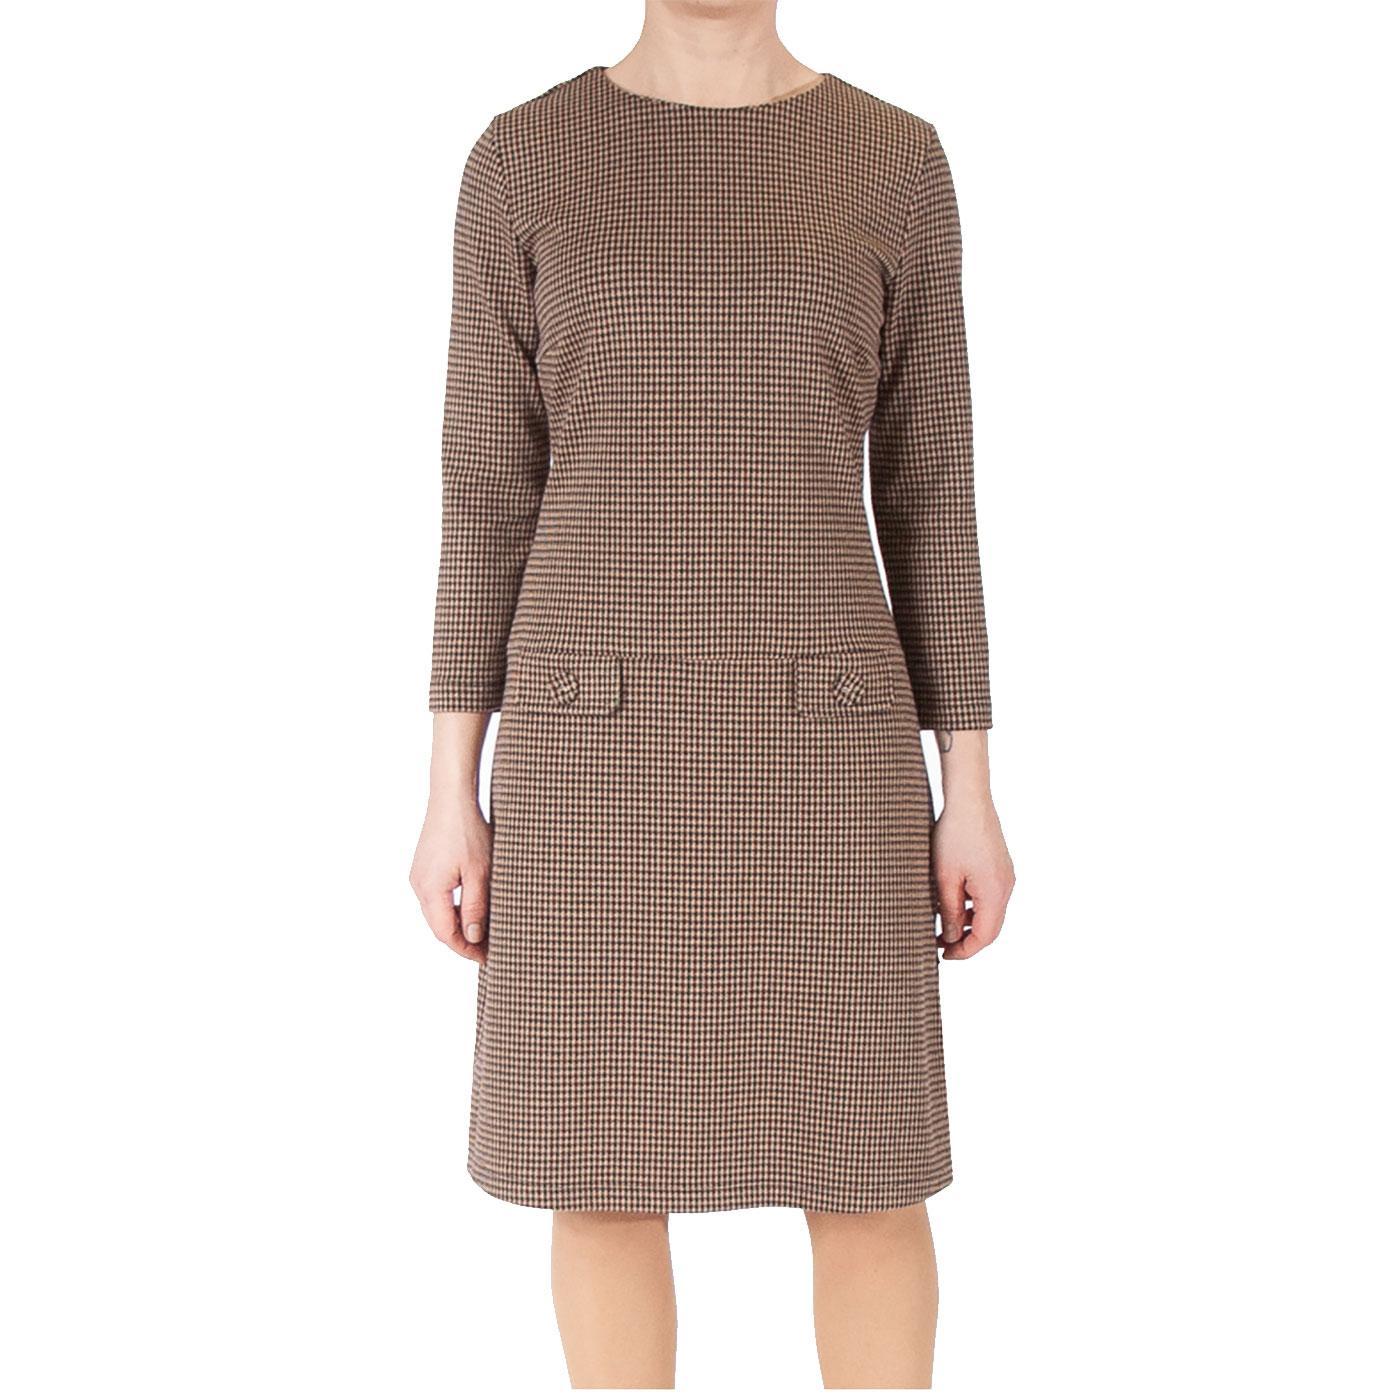 Nine To Five MADEMOISELLE YEYE Dogtooth Mod Dress